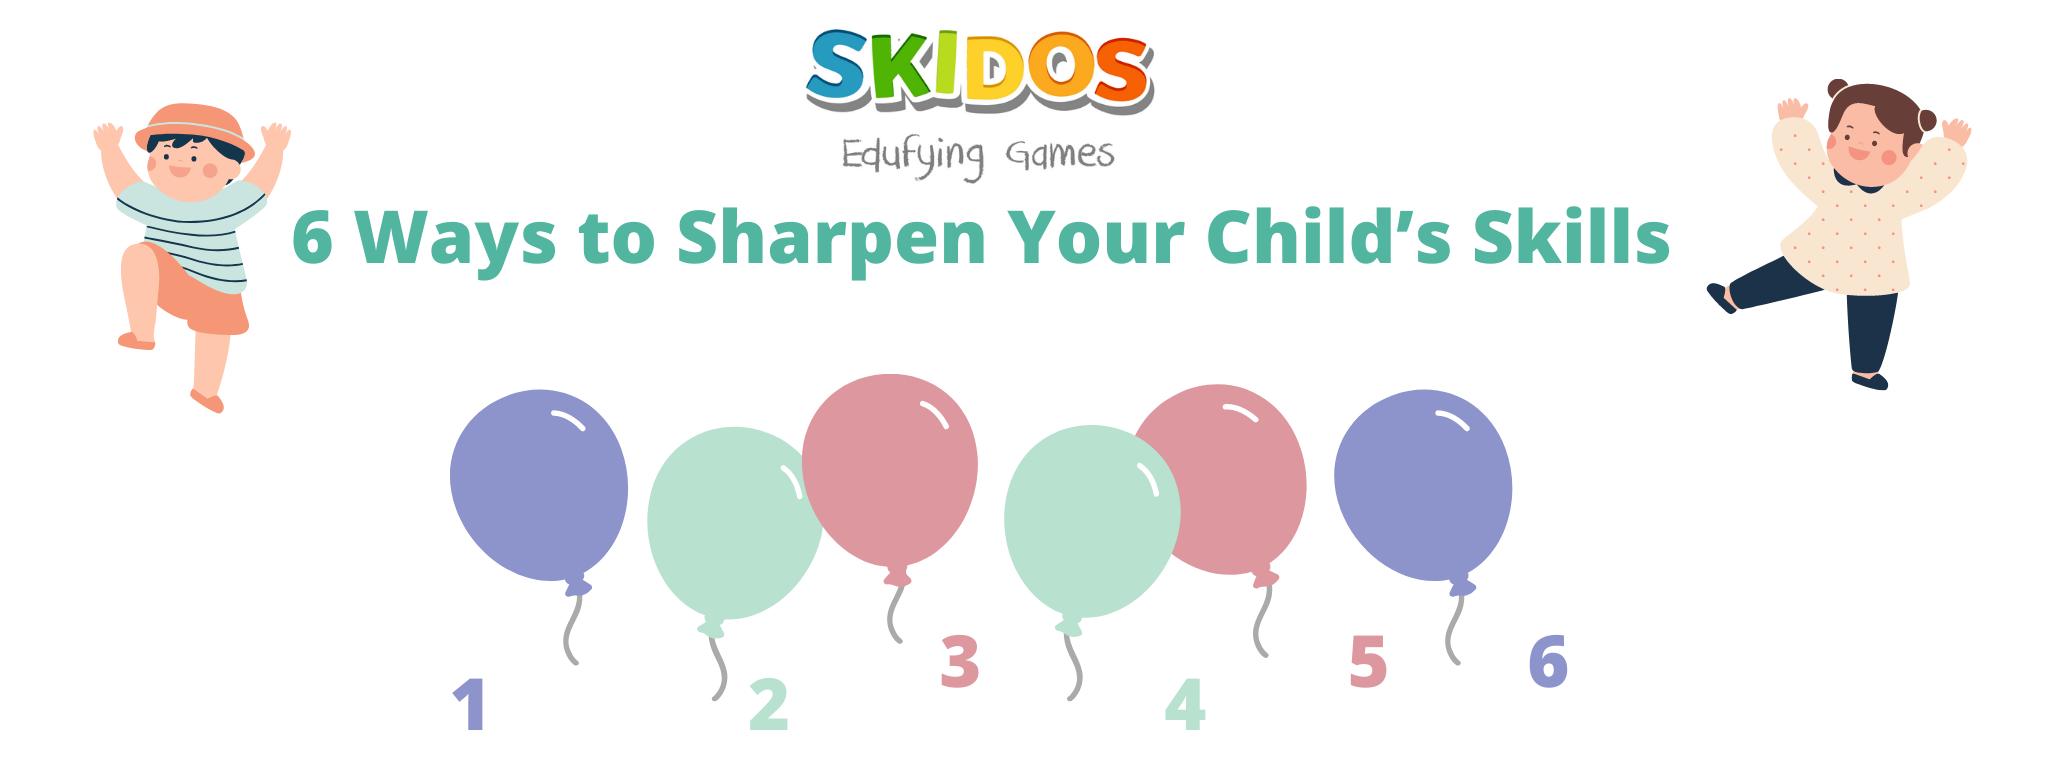 Ways to sharpen kid's skills in summer